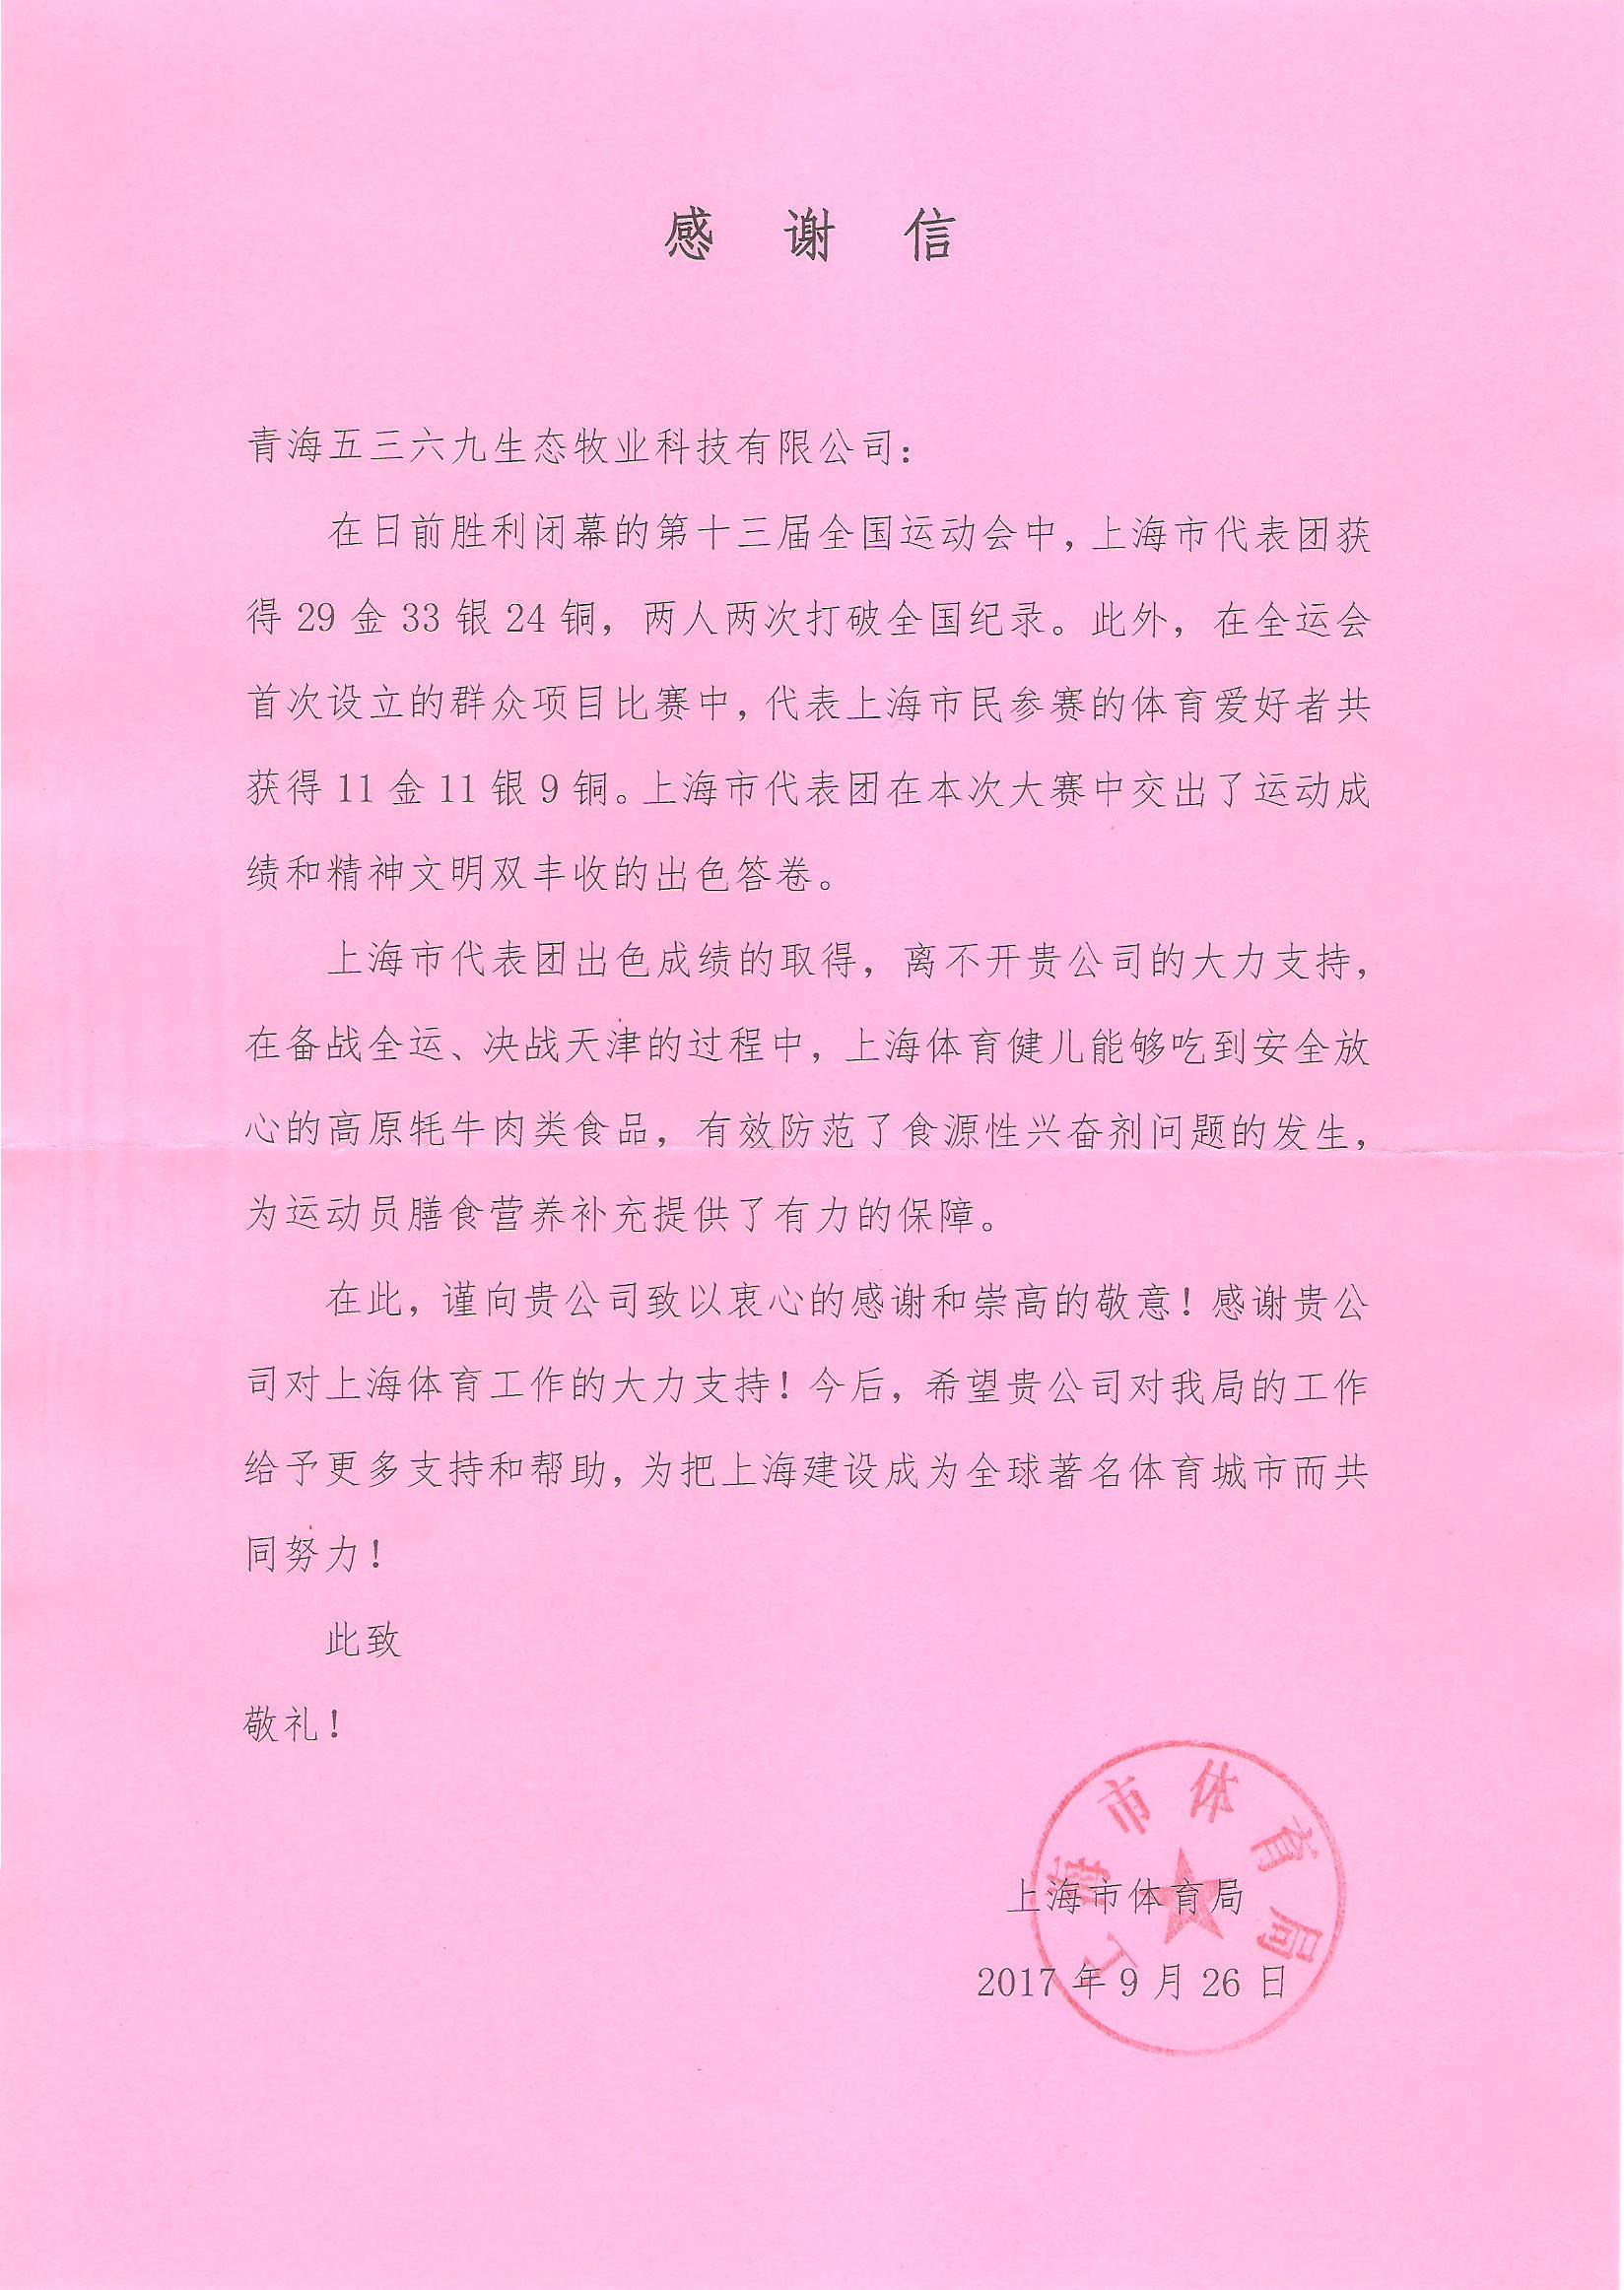 上海市体育局感谢信